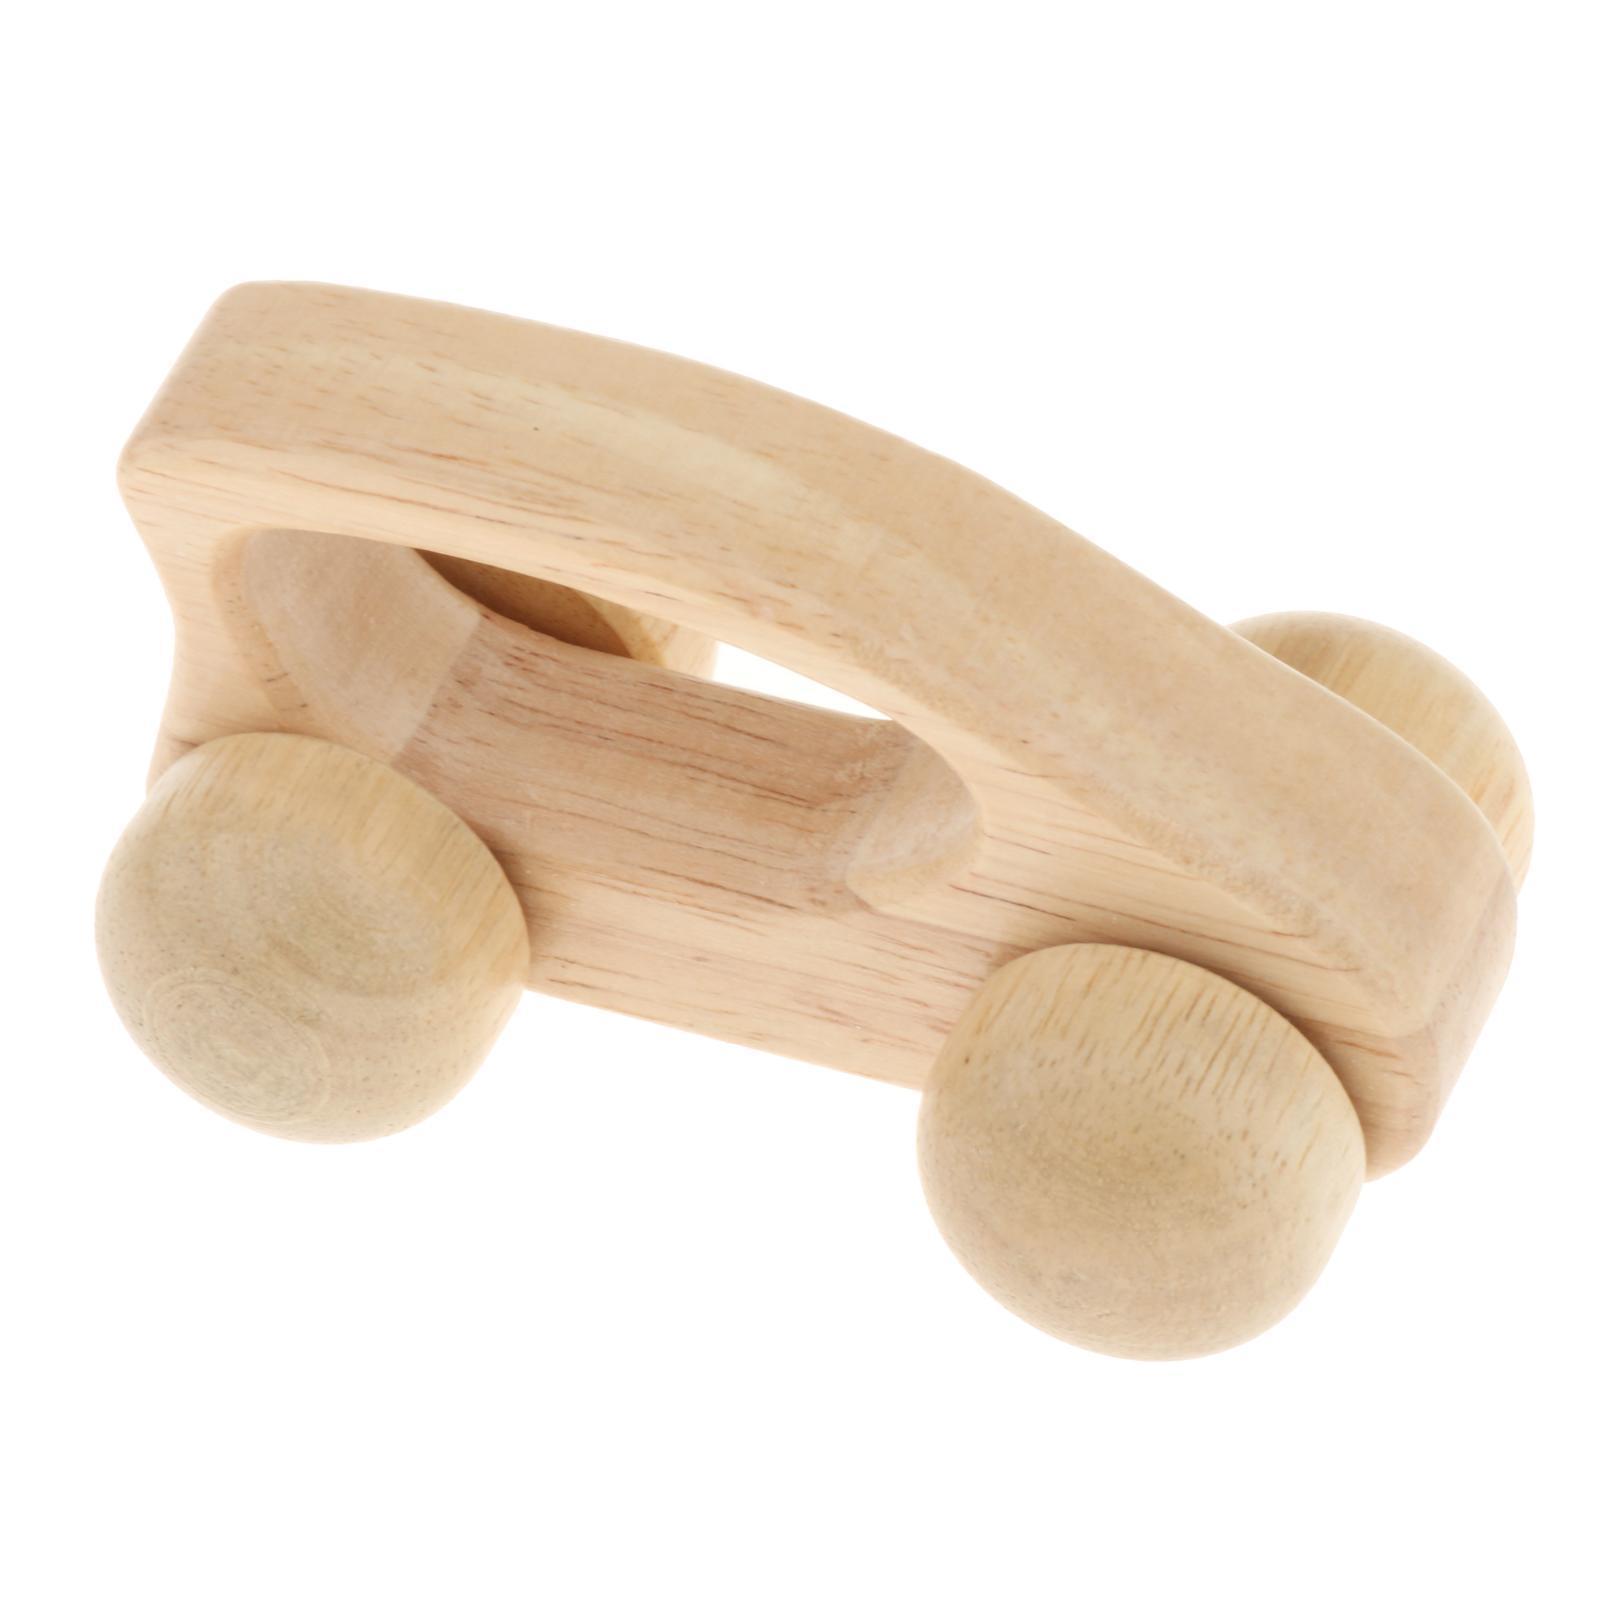 Fatti-a-mano-Giocattoli-di-Legno-Blocchi-di-Auto-Del-Fumetto-di-Attivita miniatura 45